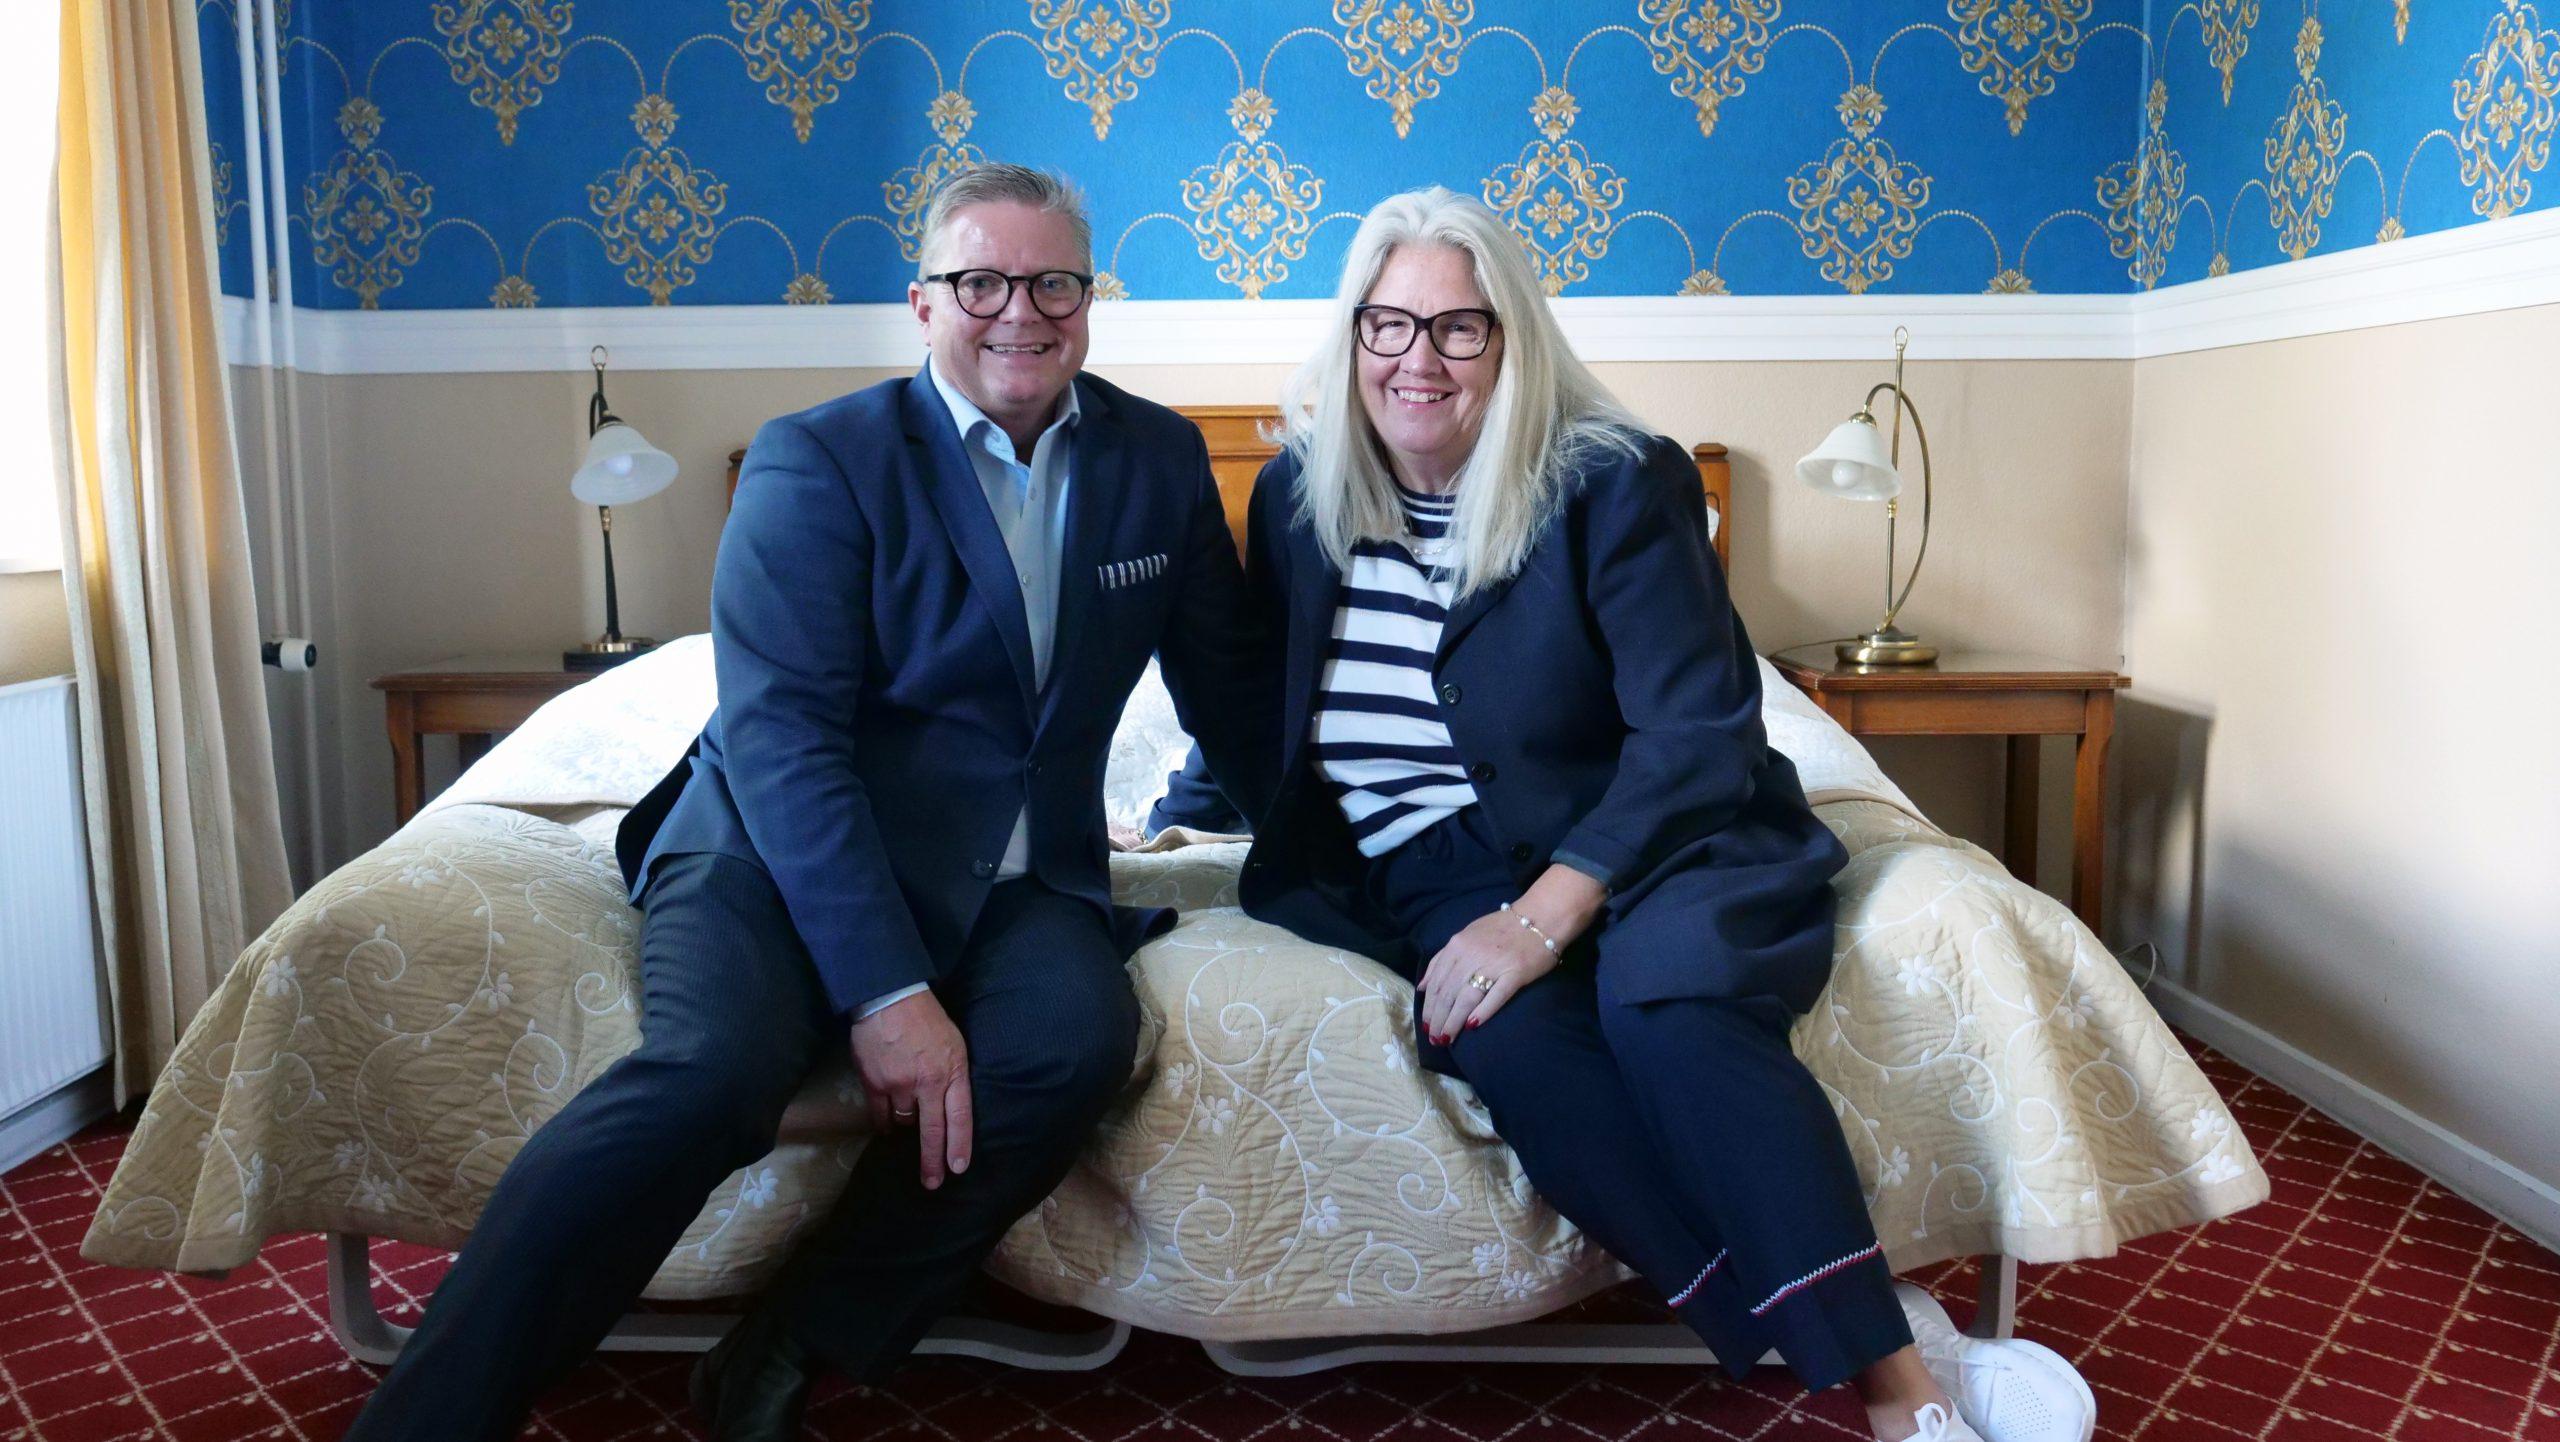 Dorte og Jan Milling var sidste år blandt de 21 modtagere af prisen Årets Ejerleder, der uddeles af PwC, Nykredit og Dansk Erhverv. PR-foto.